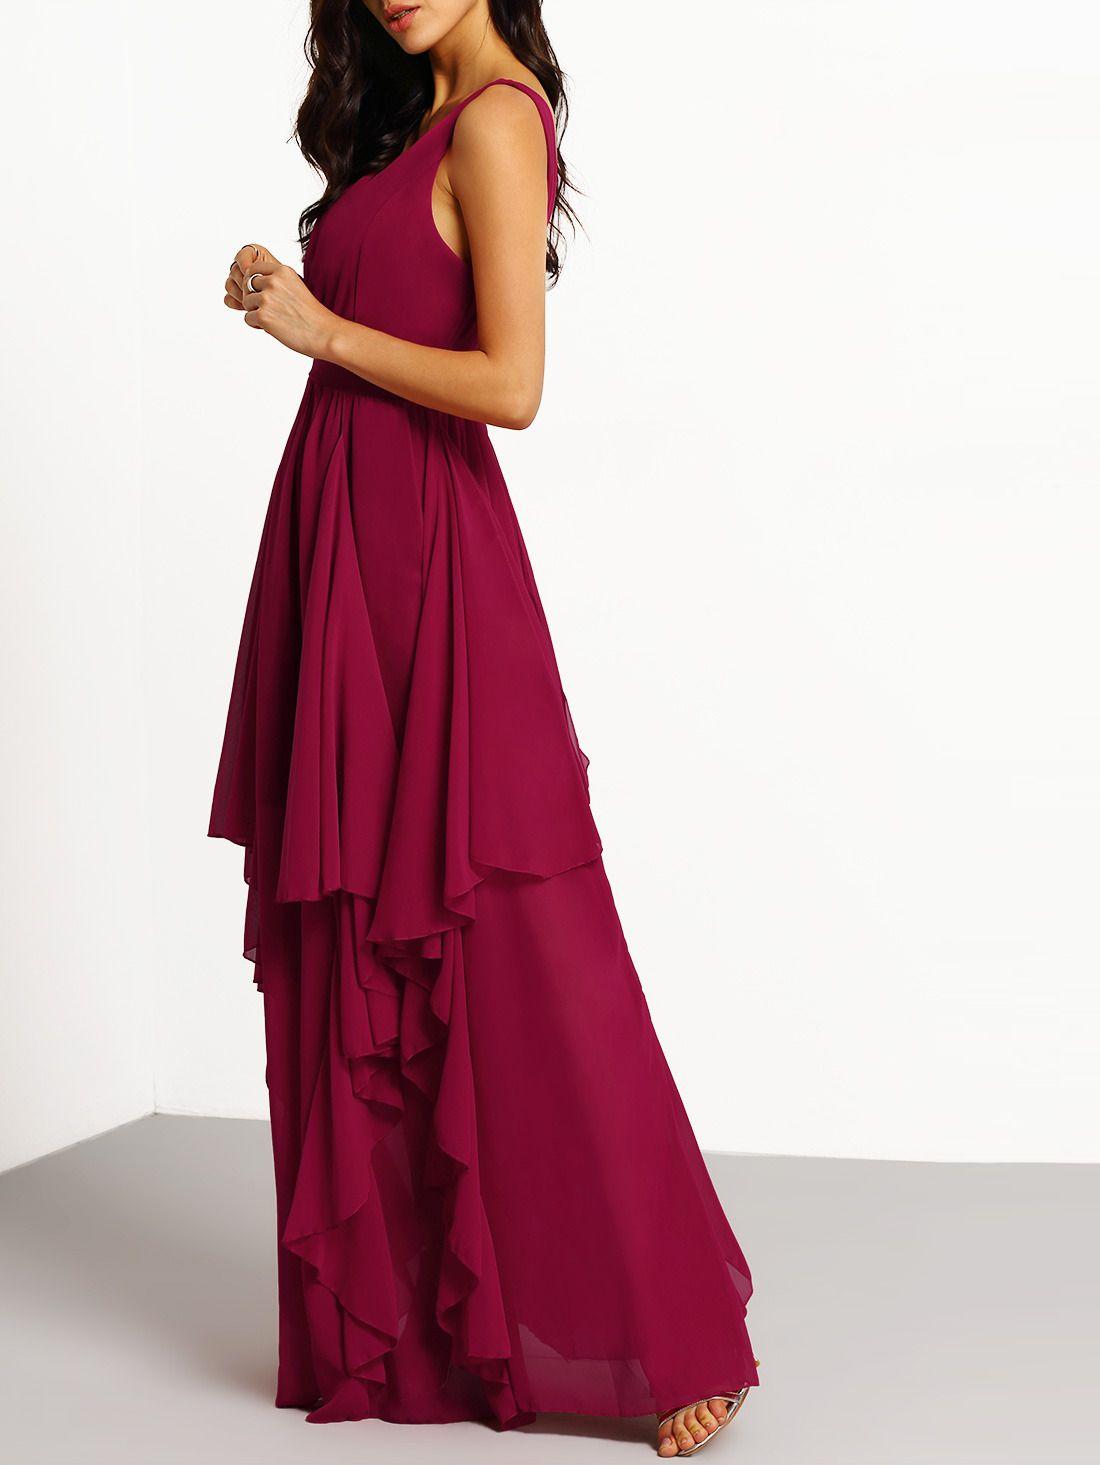 Chiffon Kleid mit tiefem V-Ausschnitt - burgund rot | Pinterest | Pflege